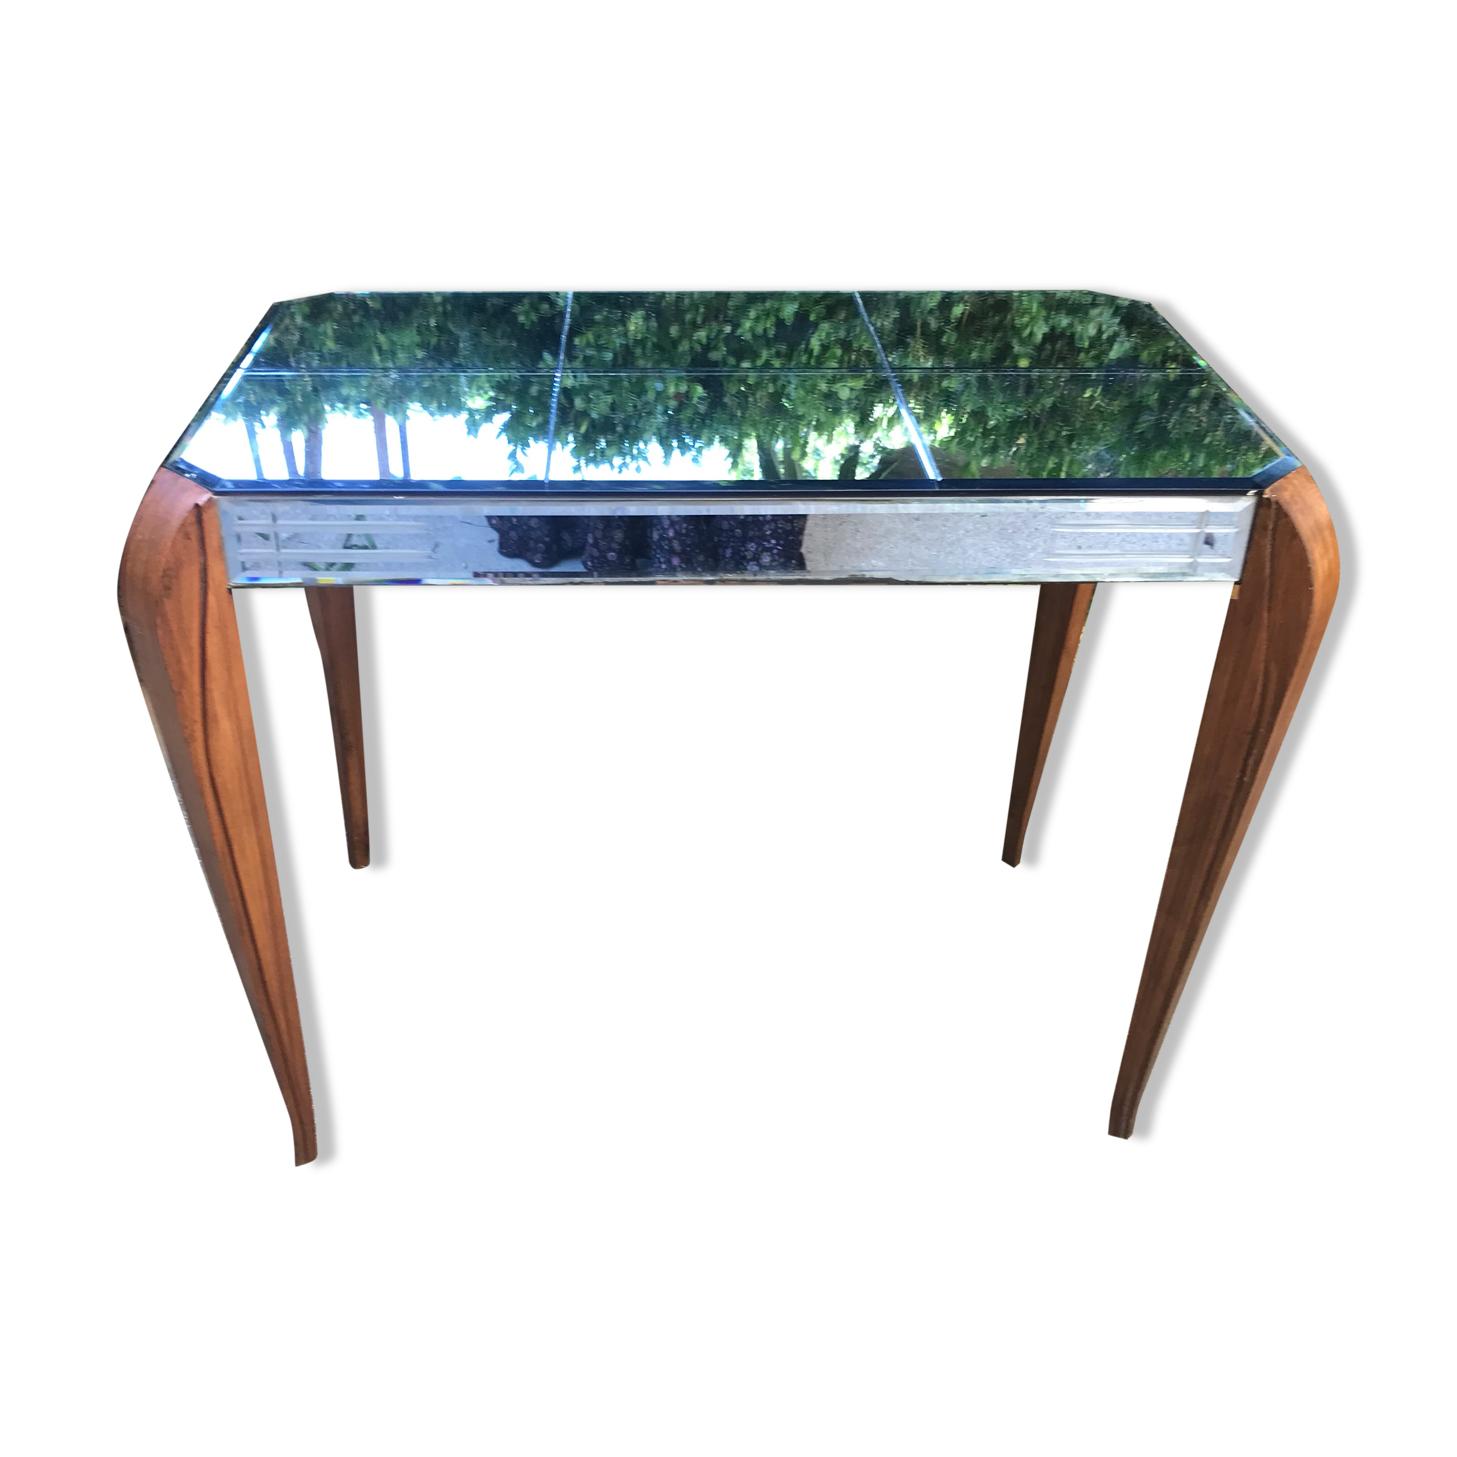 Table miroir Art déco